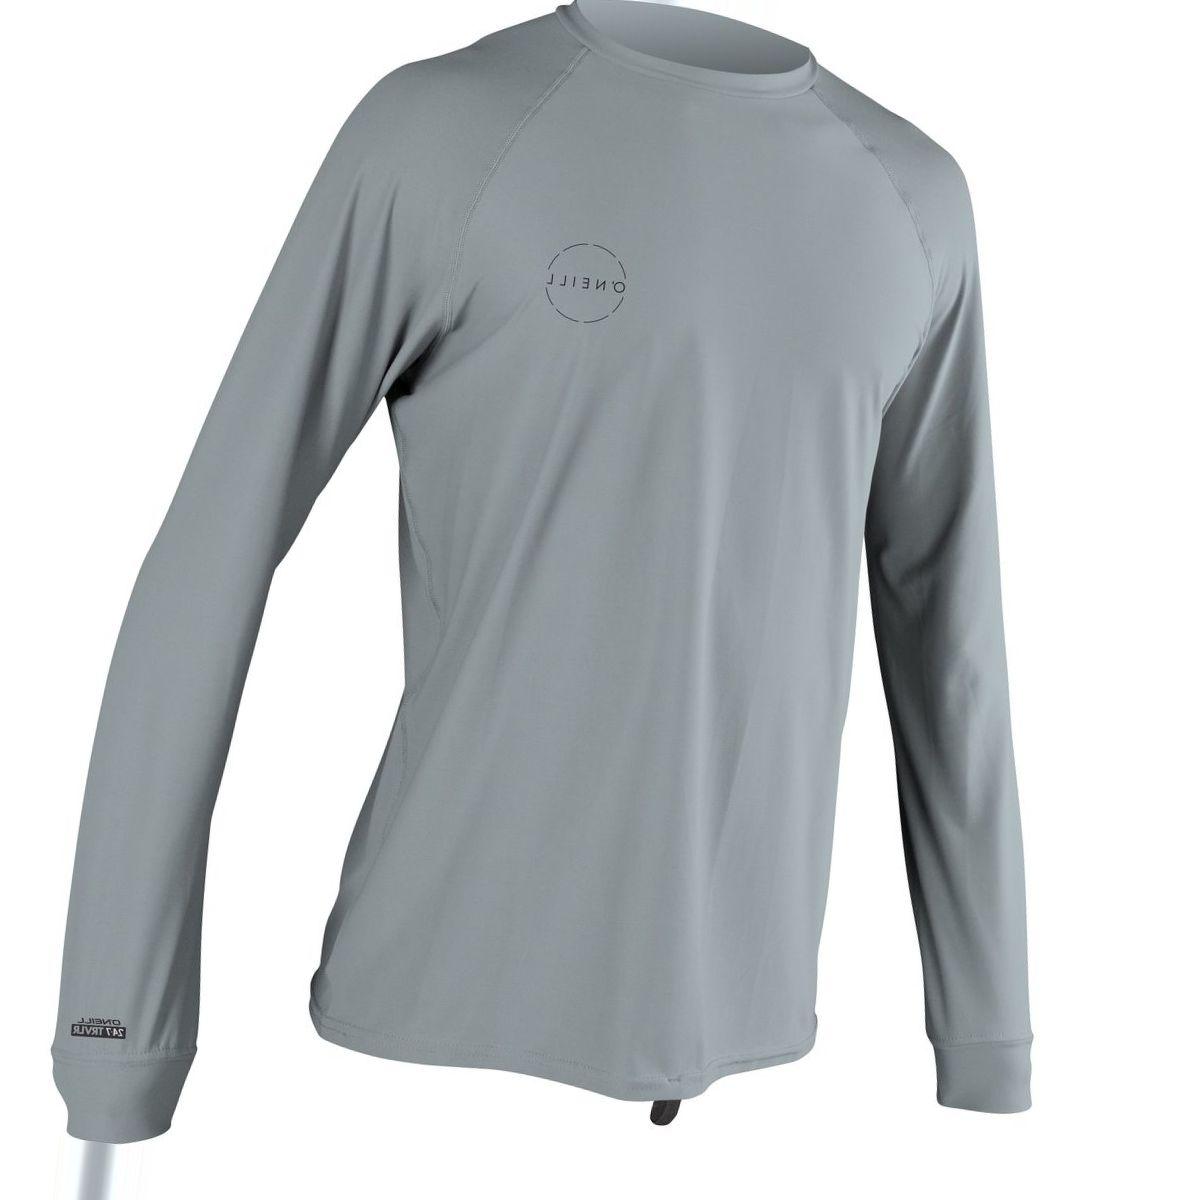 O'Neill 24-7 Traveler Long-Sleeve Sun Shirt - Men's